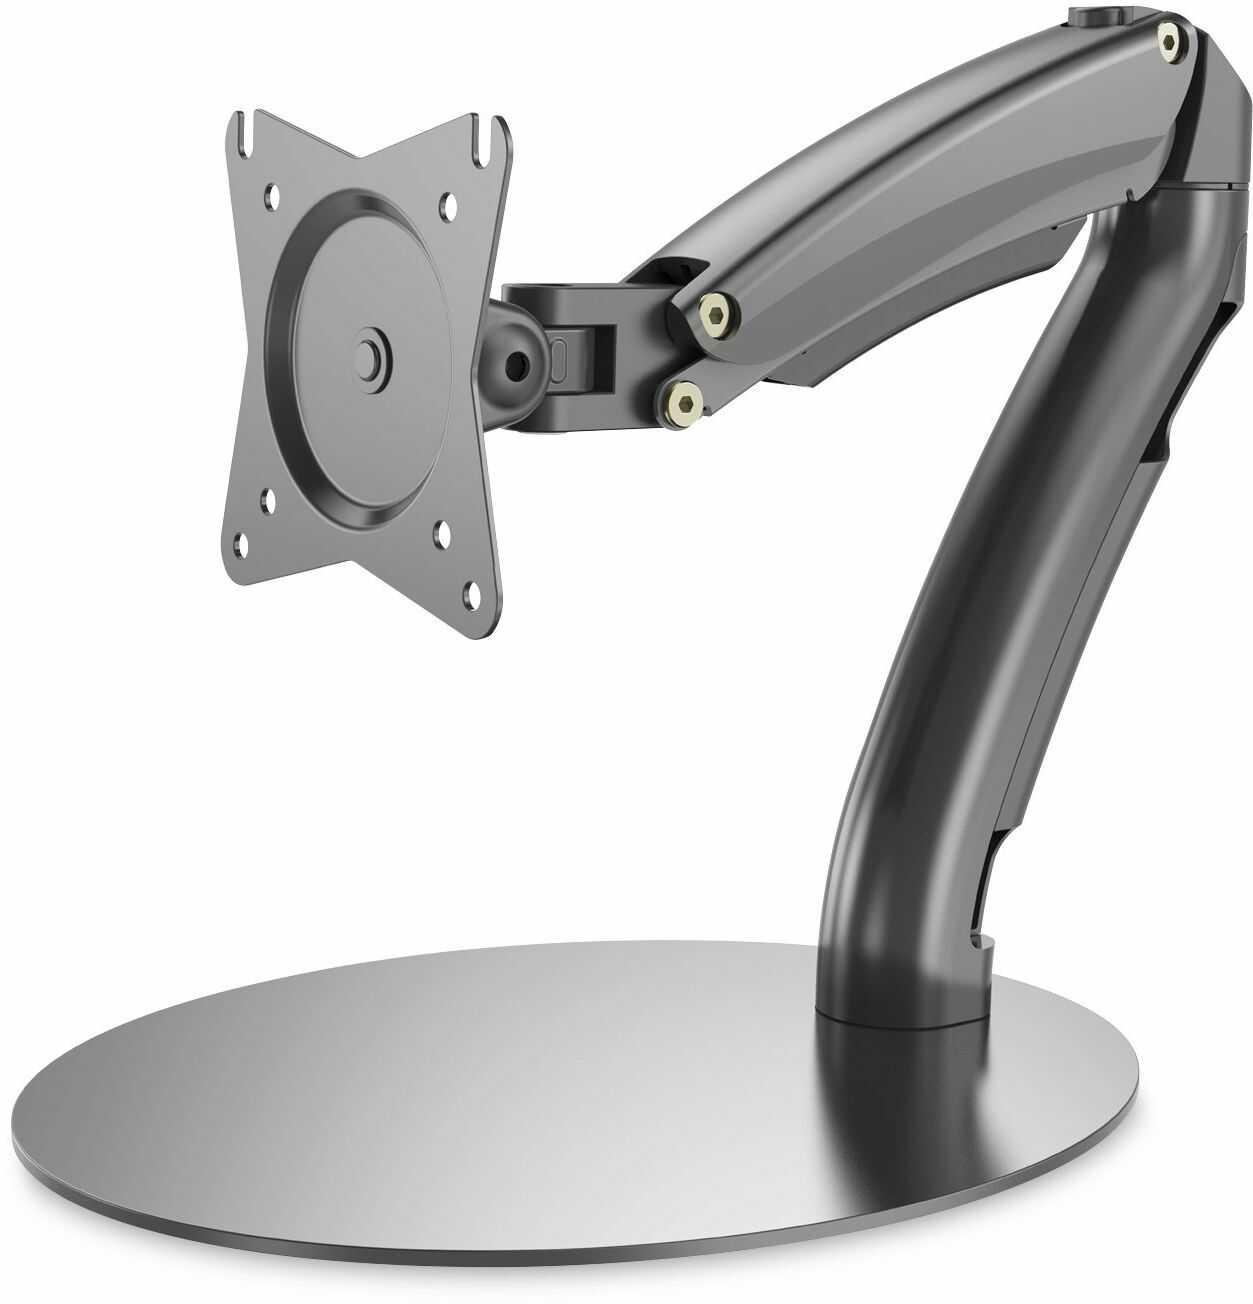 DIGITUS Uchwyt do monitora - podstawa i sprężyna gazowa - 1 monitor - do 27 cali - do 1 x 6,5 kg - VESA 75 i 100 - czarny